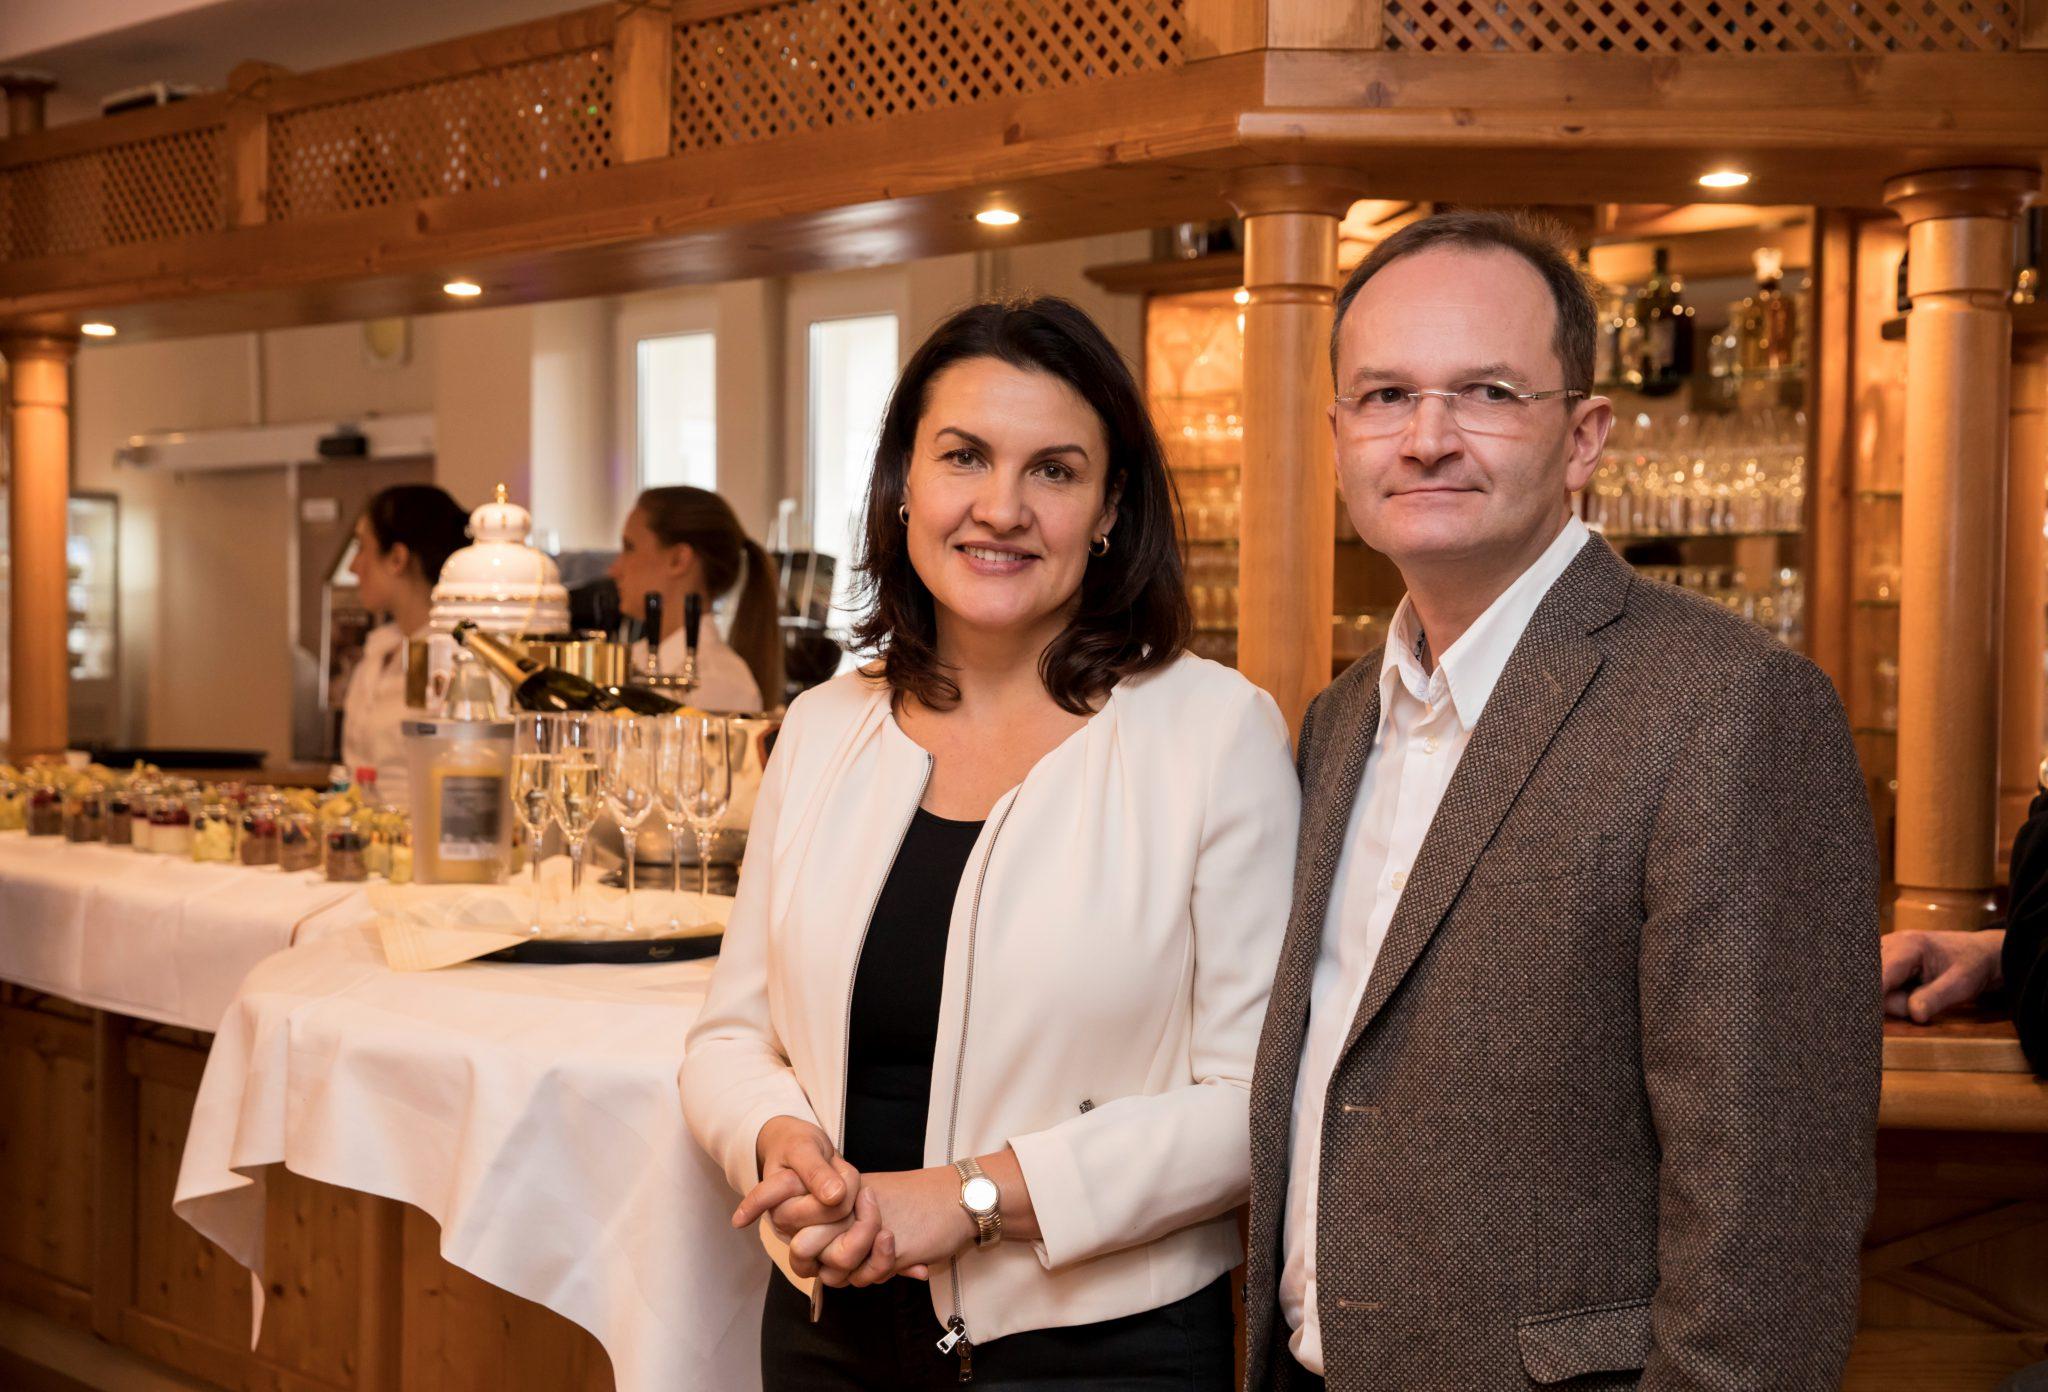 Olga und Thomas Zimmermann begrüßen ihre Gäste aus der Ferienregion Edersee